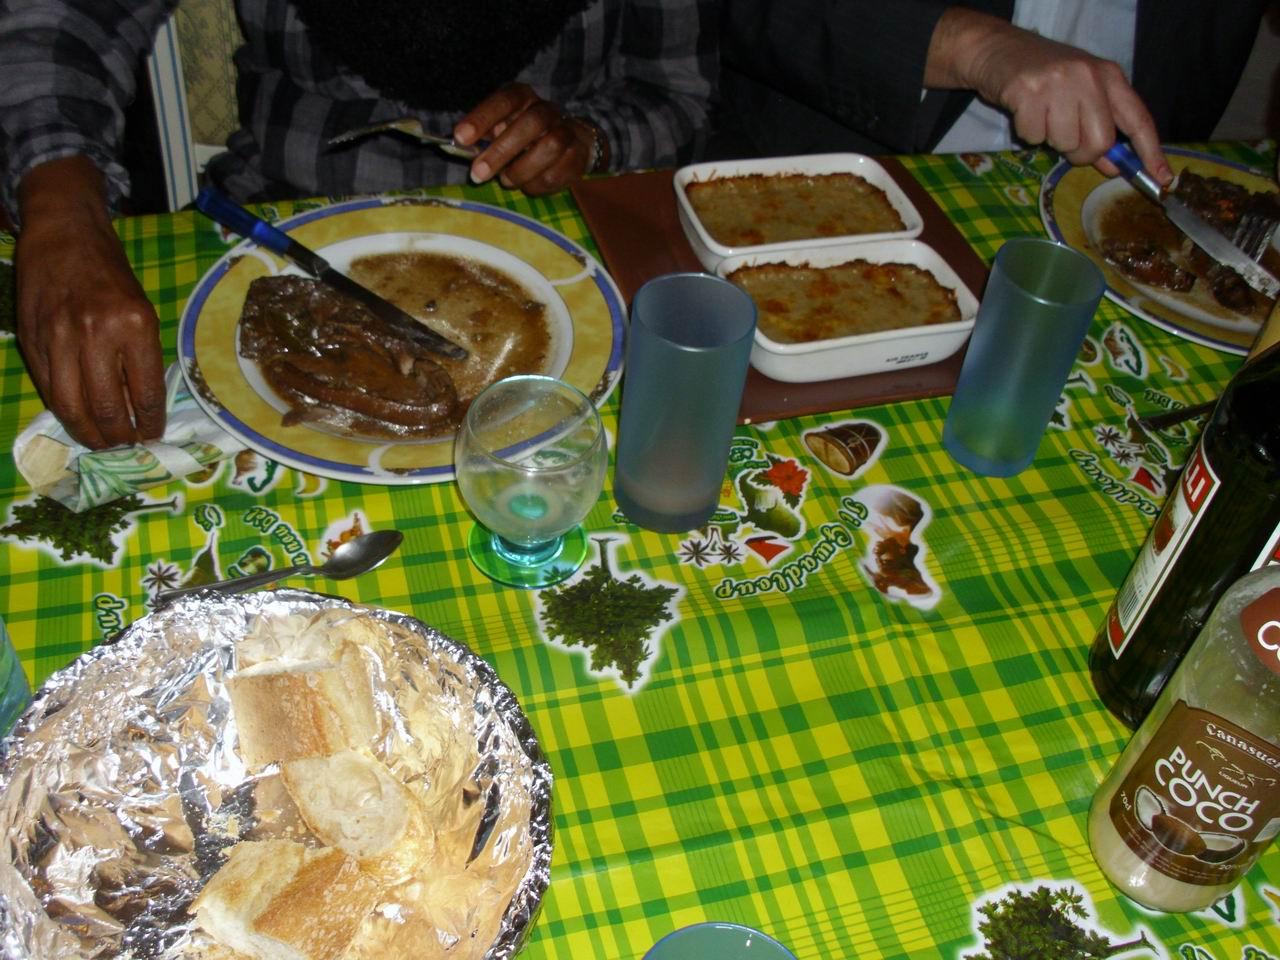 Recettes du chef un repas entre amis for Repas entre amis ete